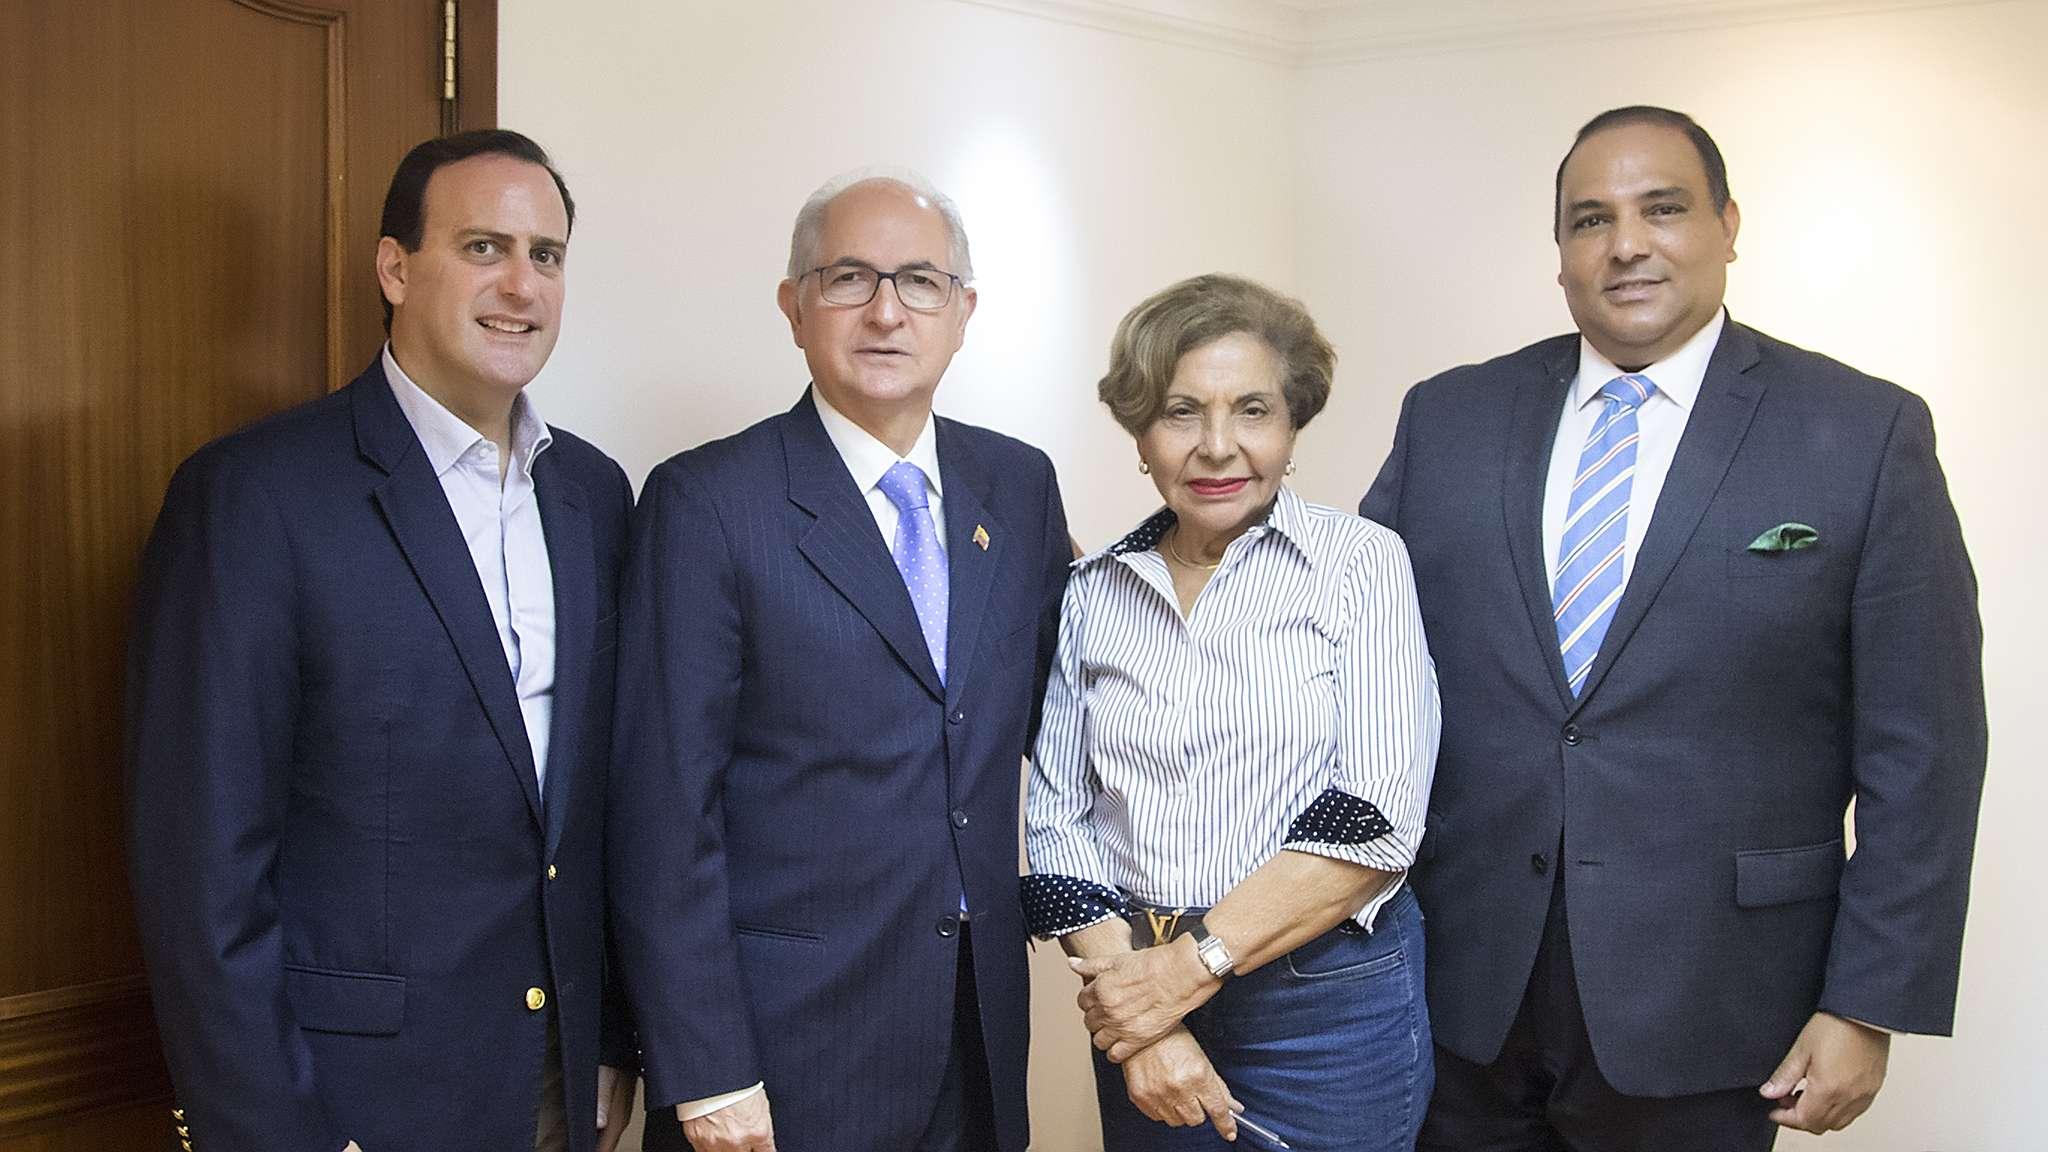 Además de Francolini y Ledezma, estuvieron presentes en la reunión, la señora Mayín Correa y Fernando Correa.